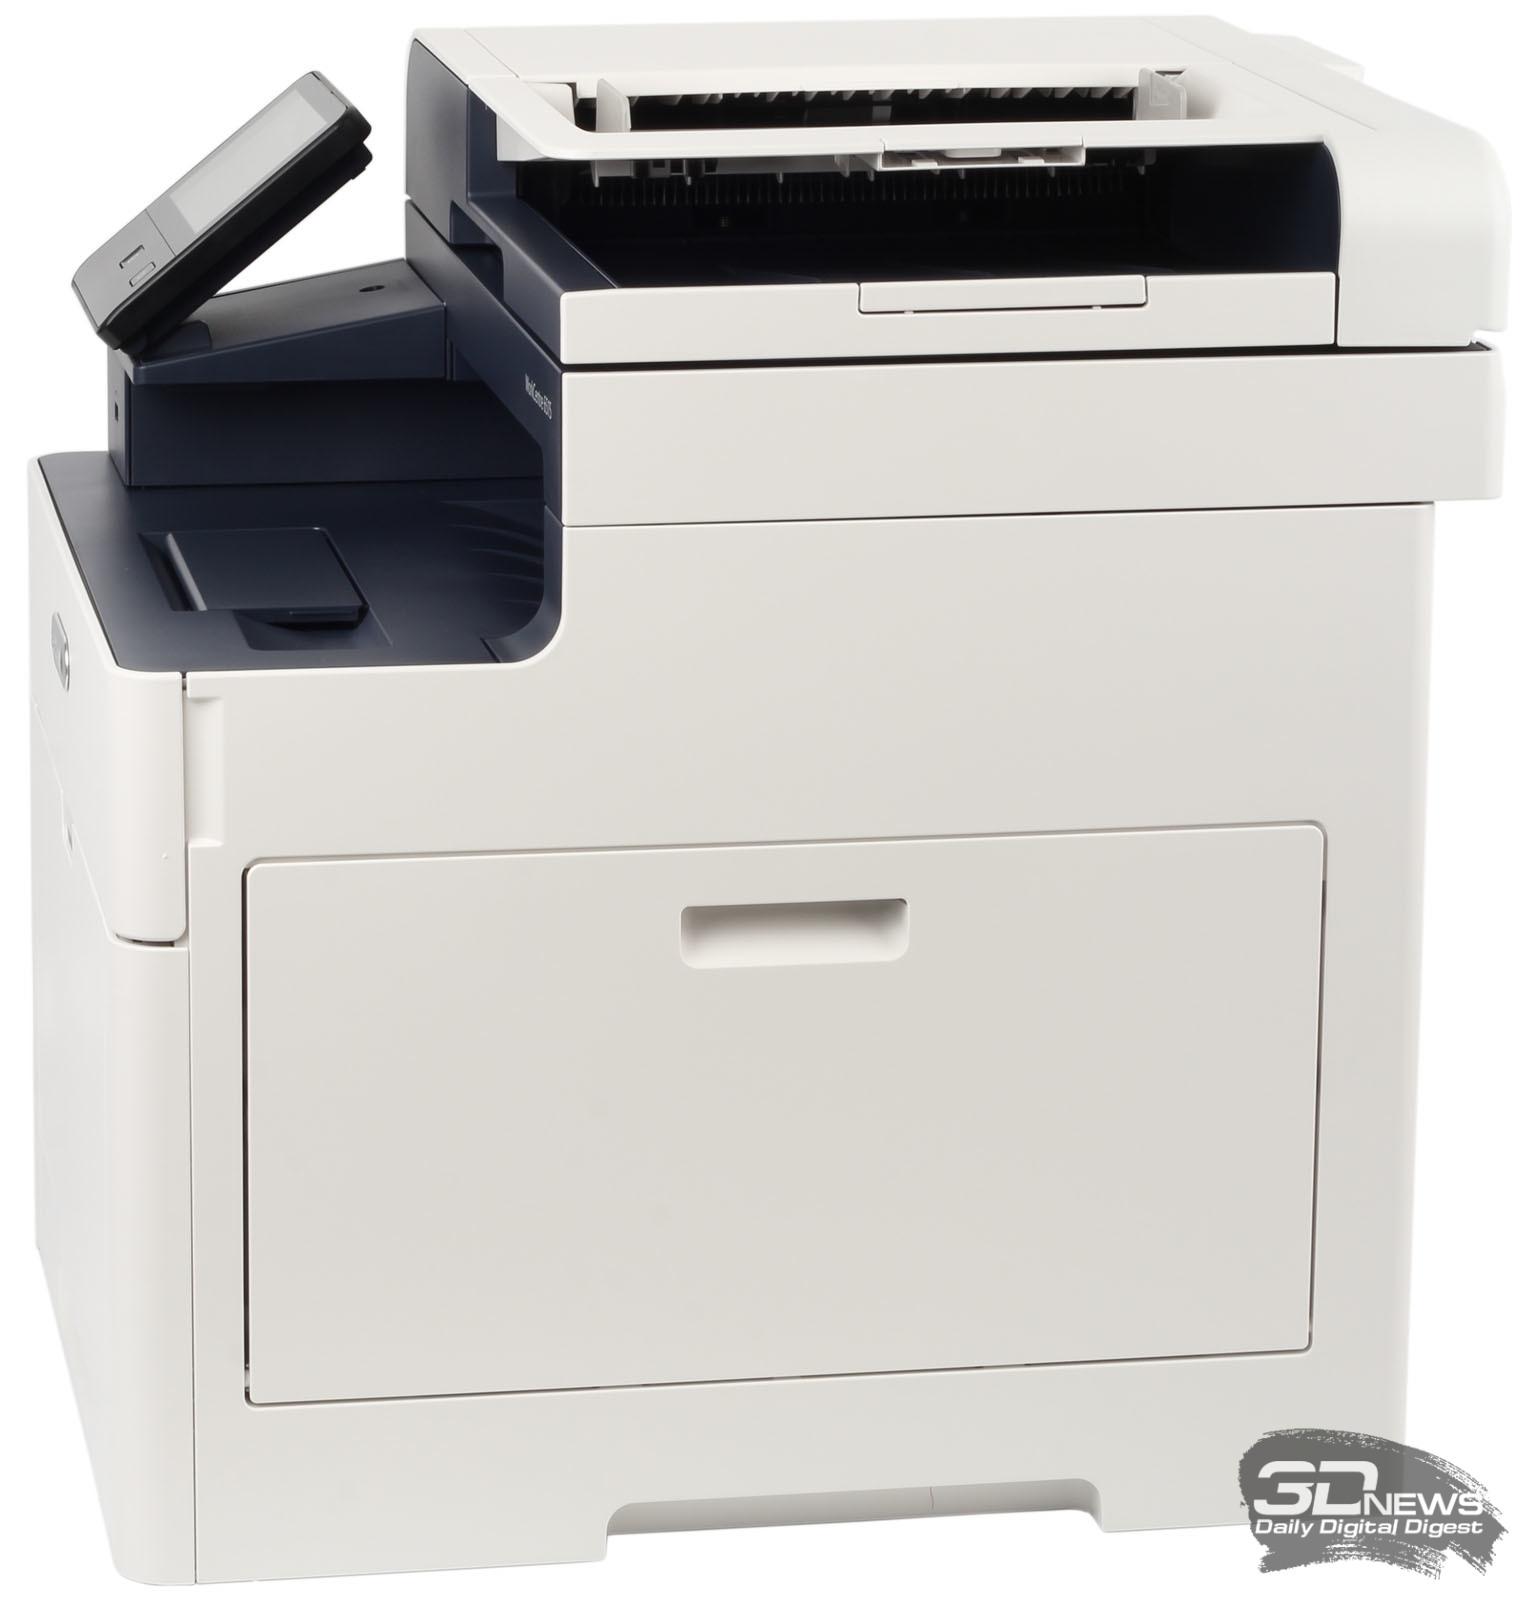 принтер hp deskjet 420 инструкция на русском